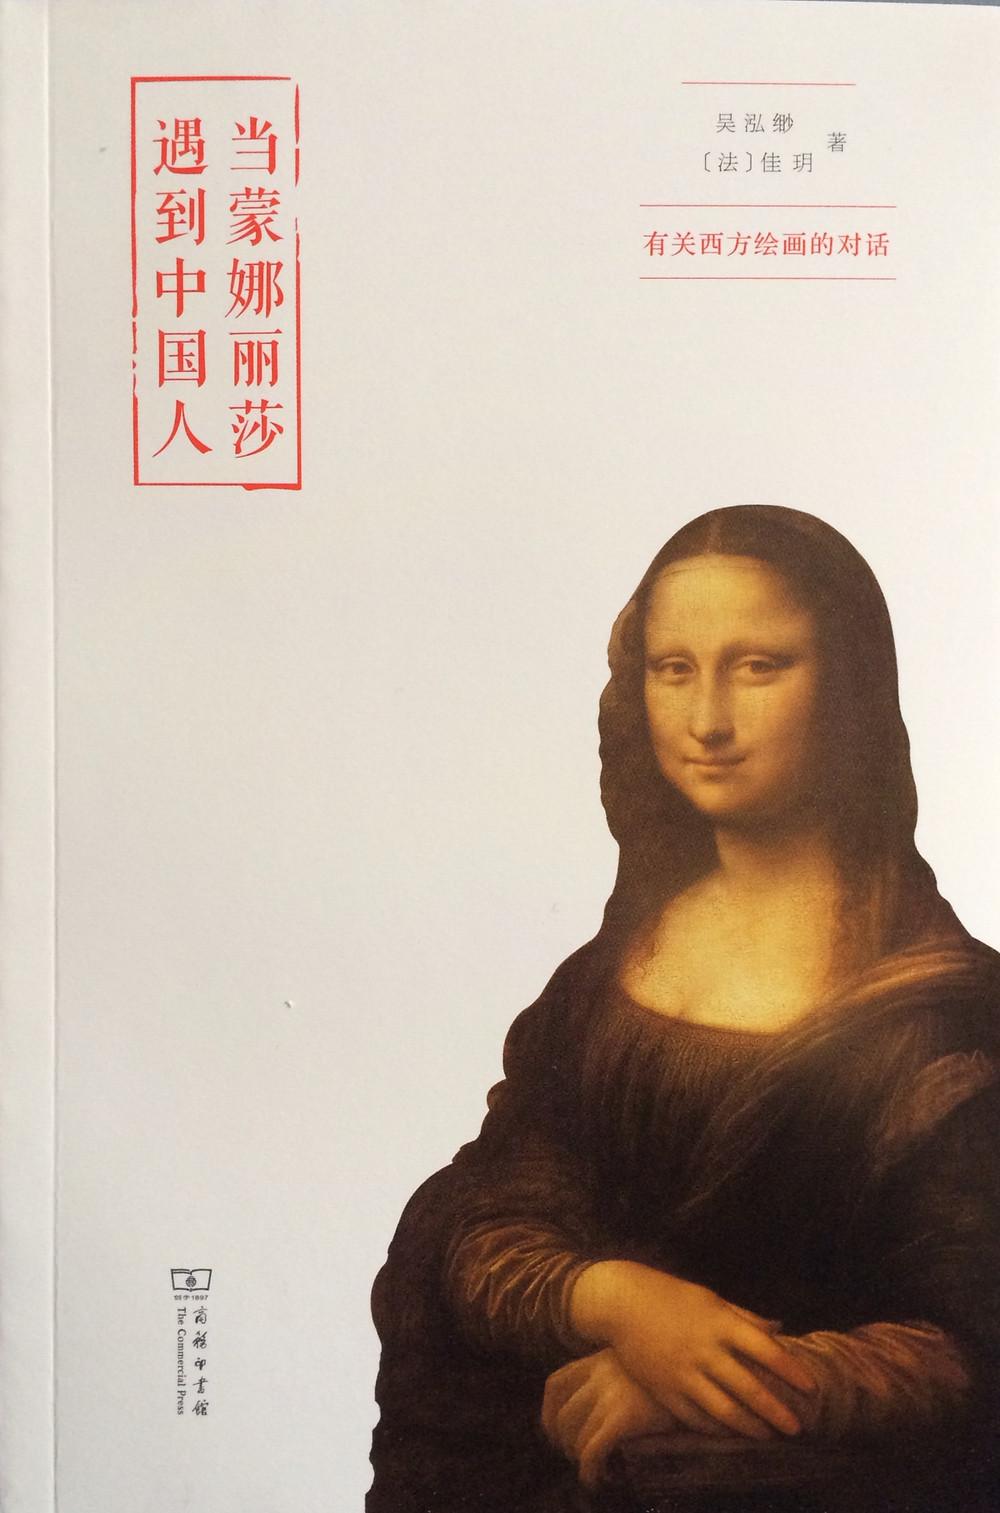 Couverture A quoi pensent les Chinois - version cn.JPG